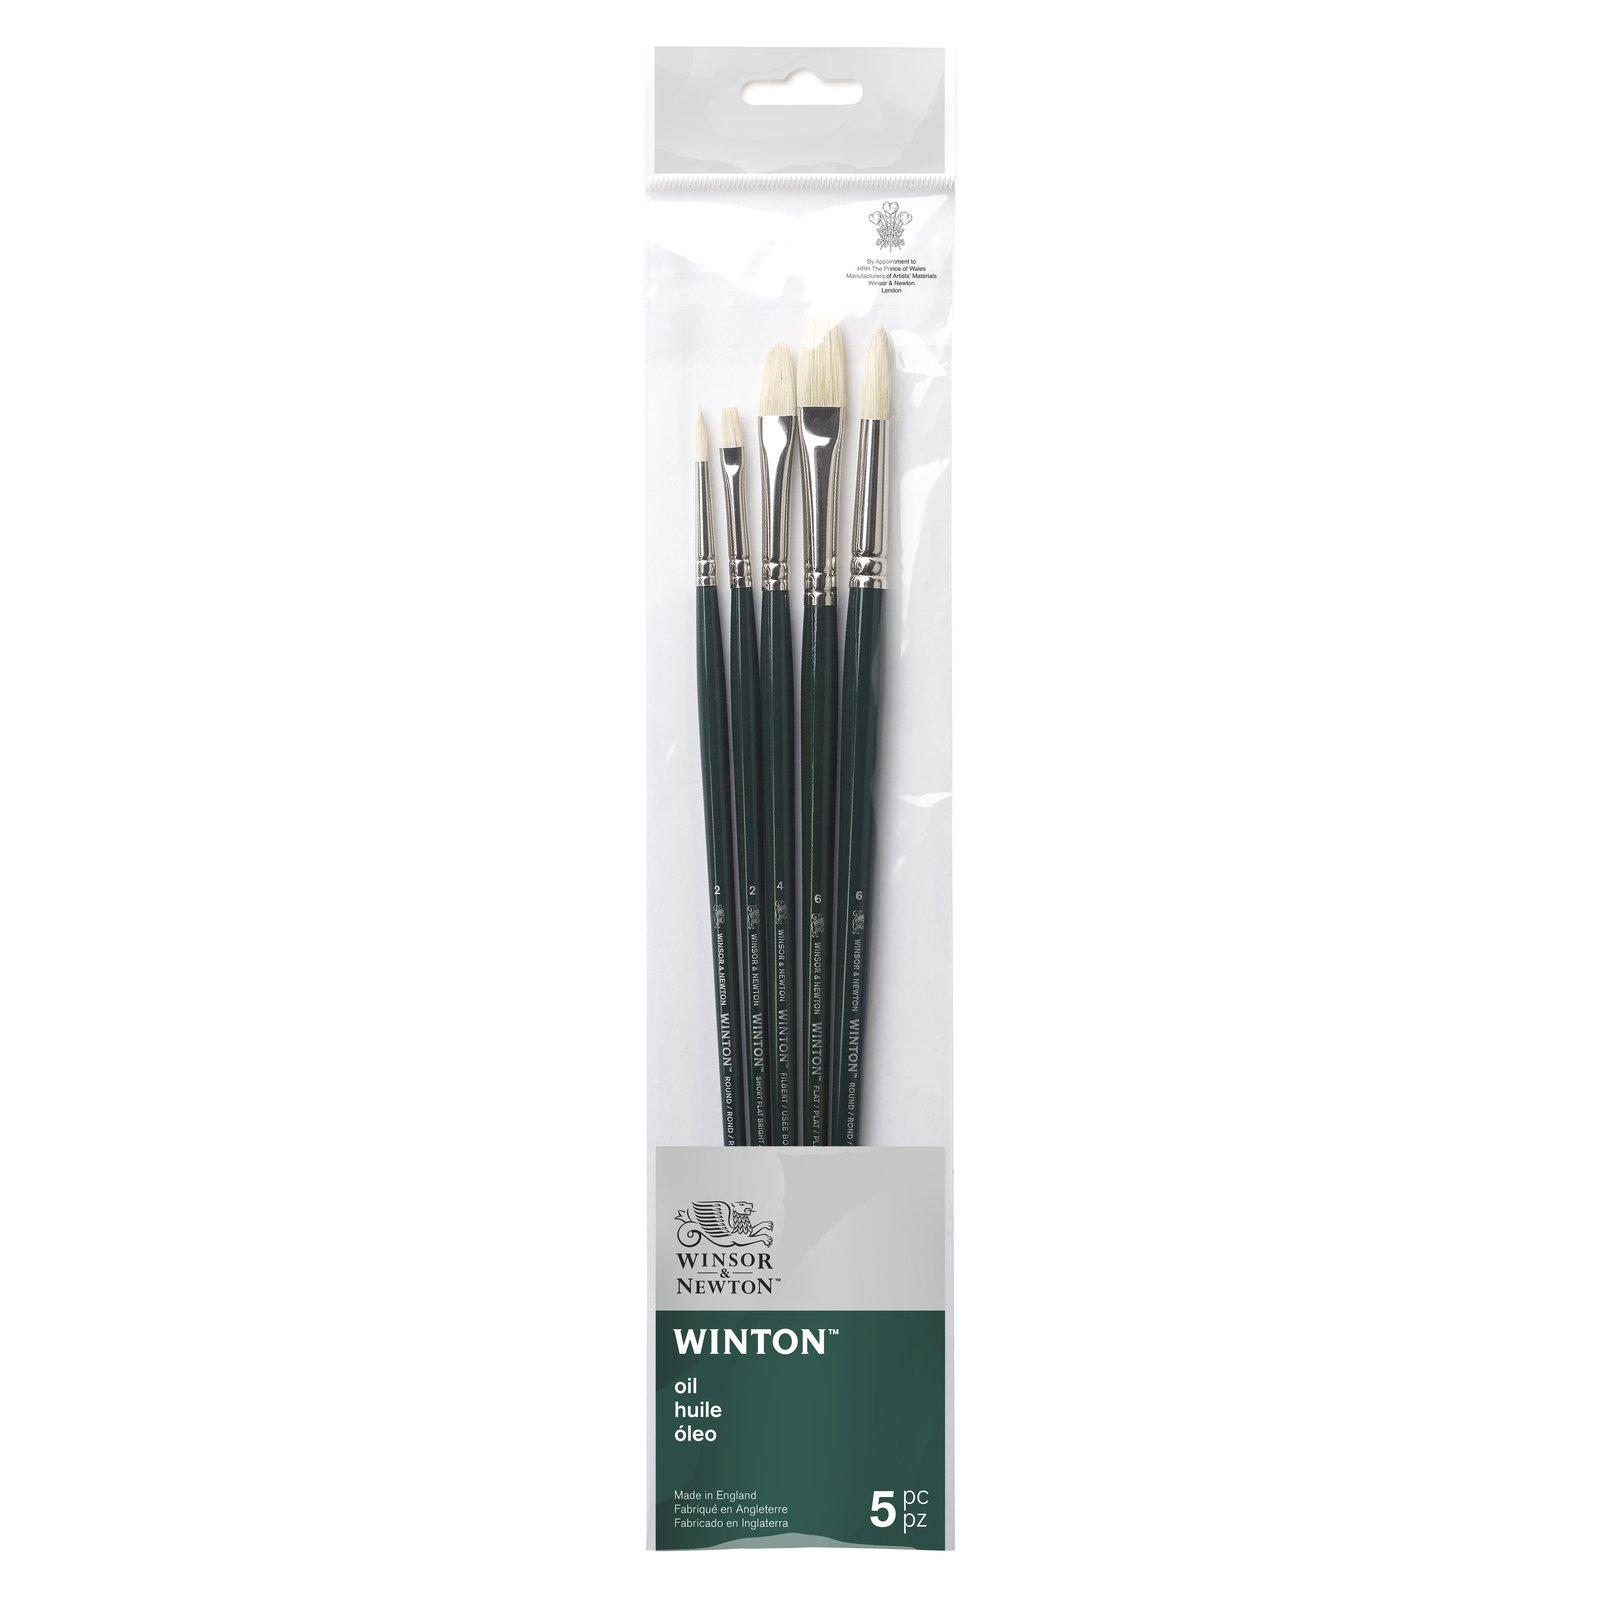 Winton Brush Sets